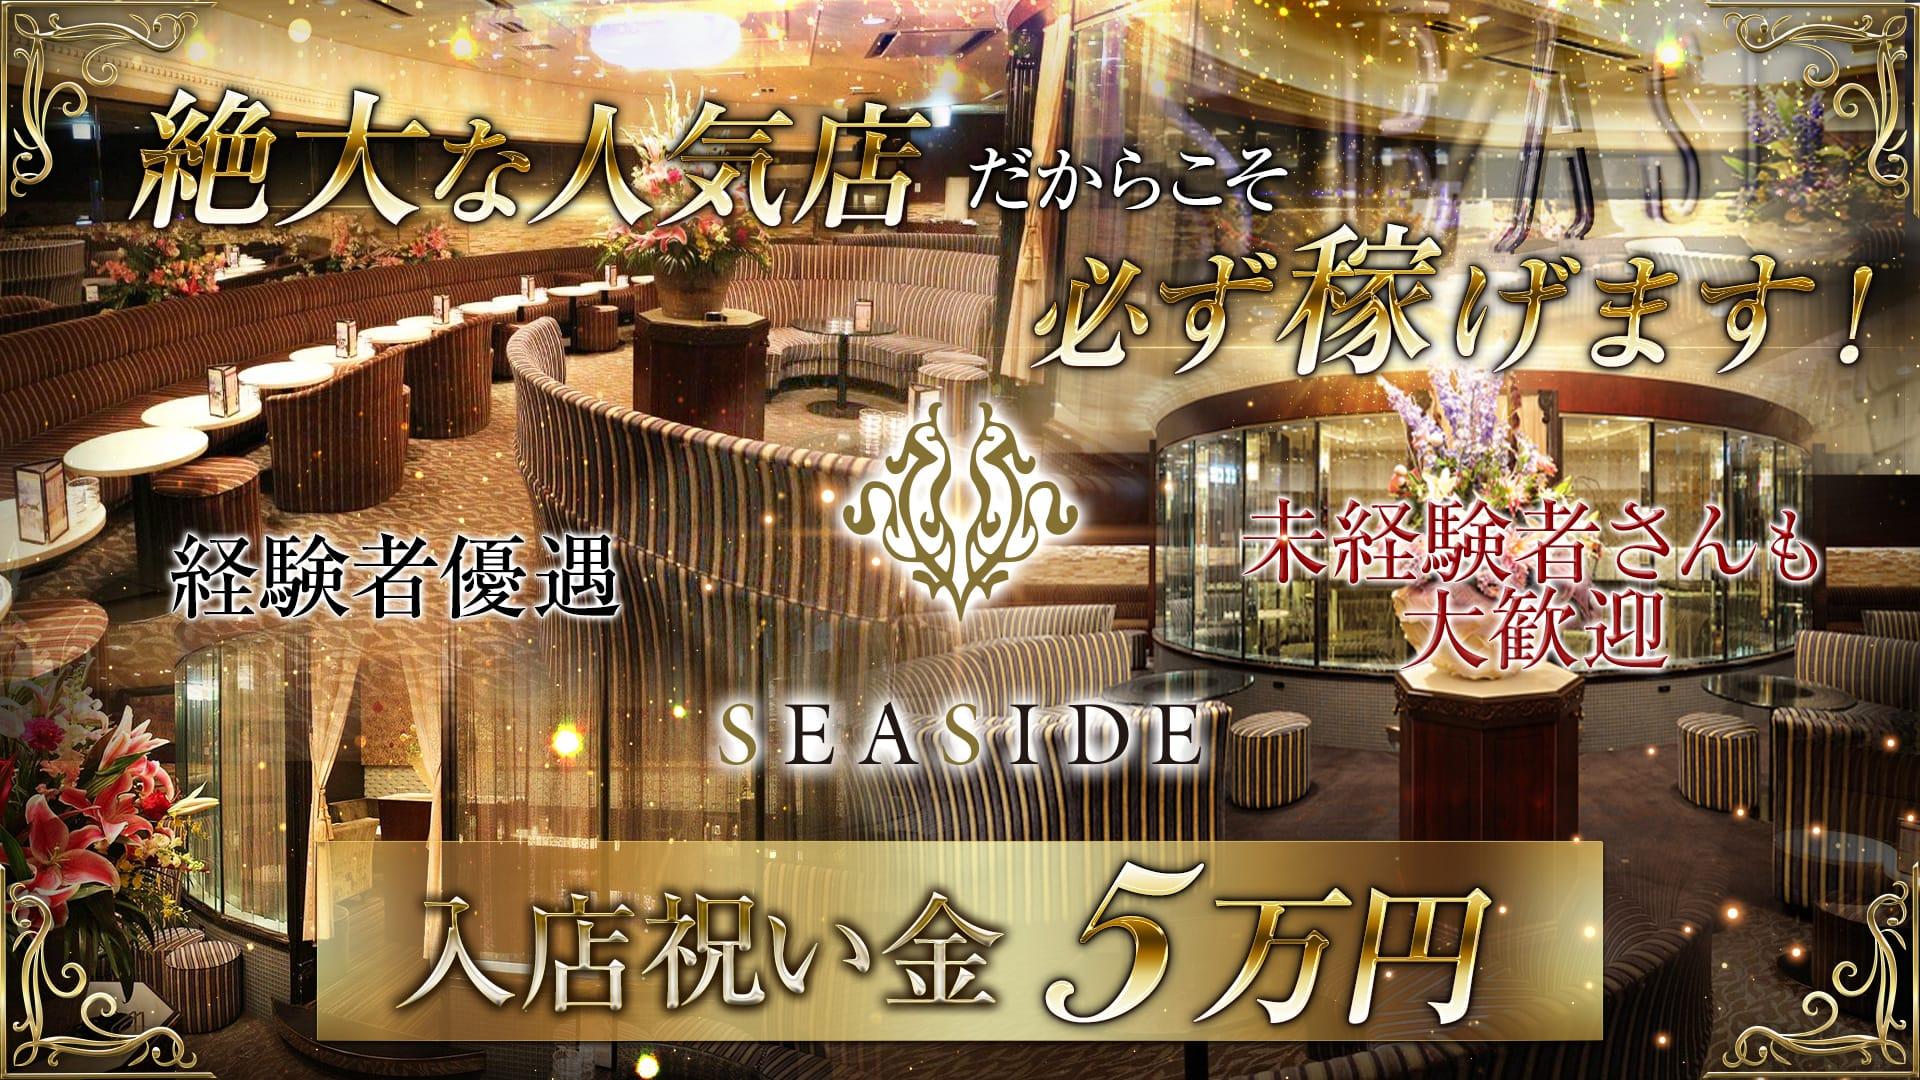 横浜SEASIDE~シーサイド~ 横浜キャバクラ TOP画像